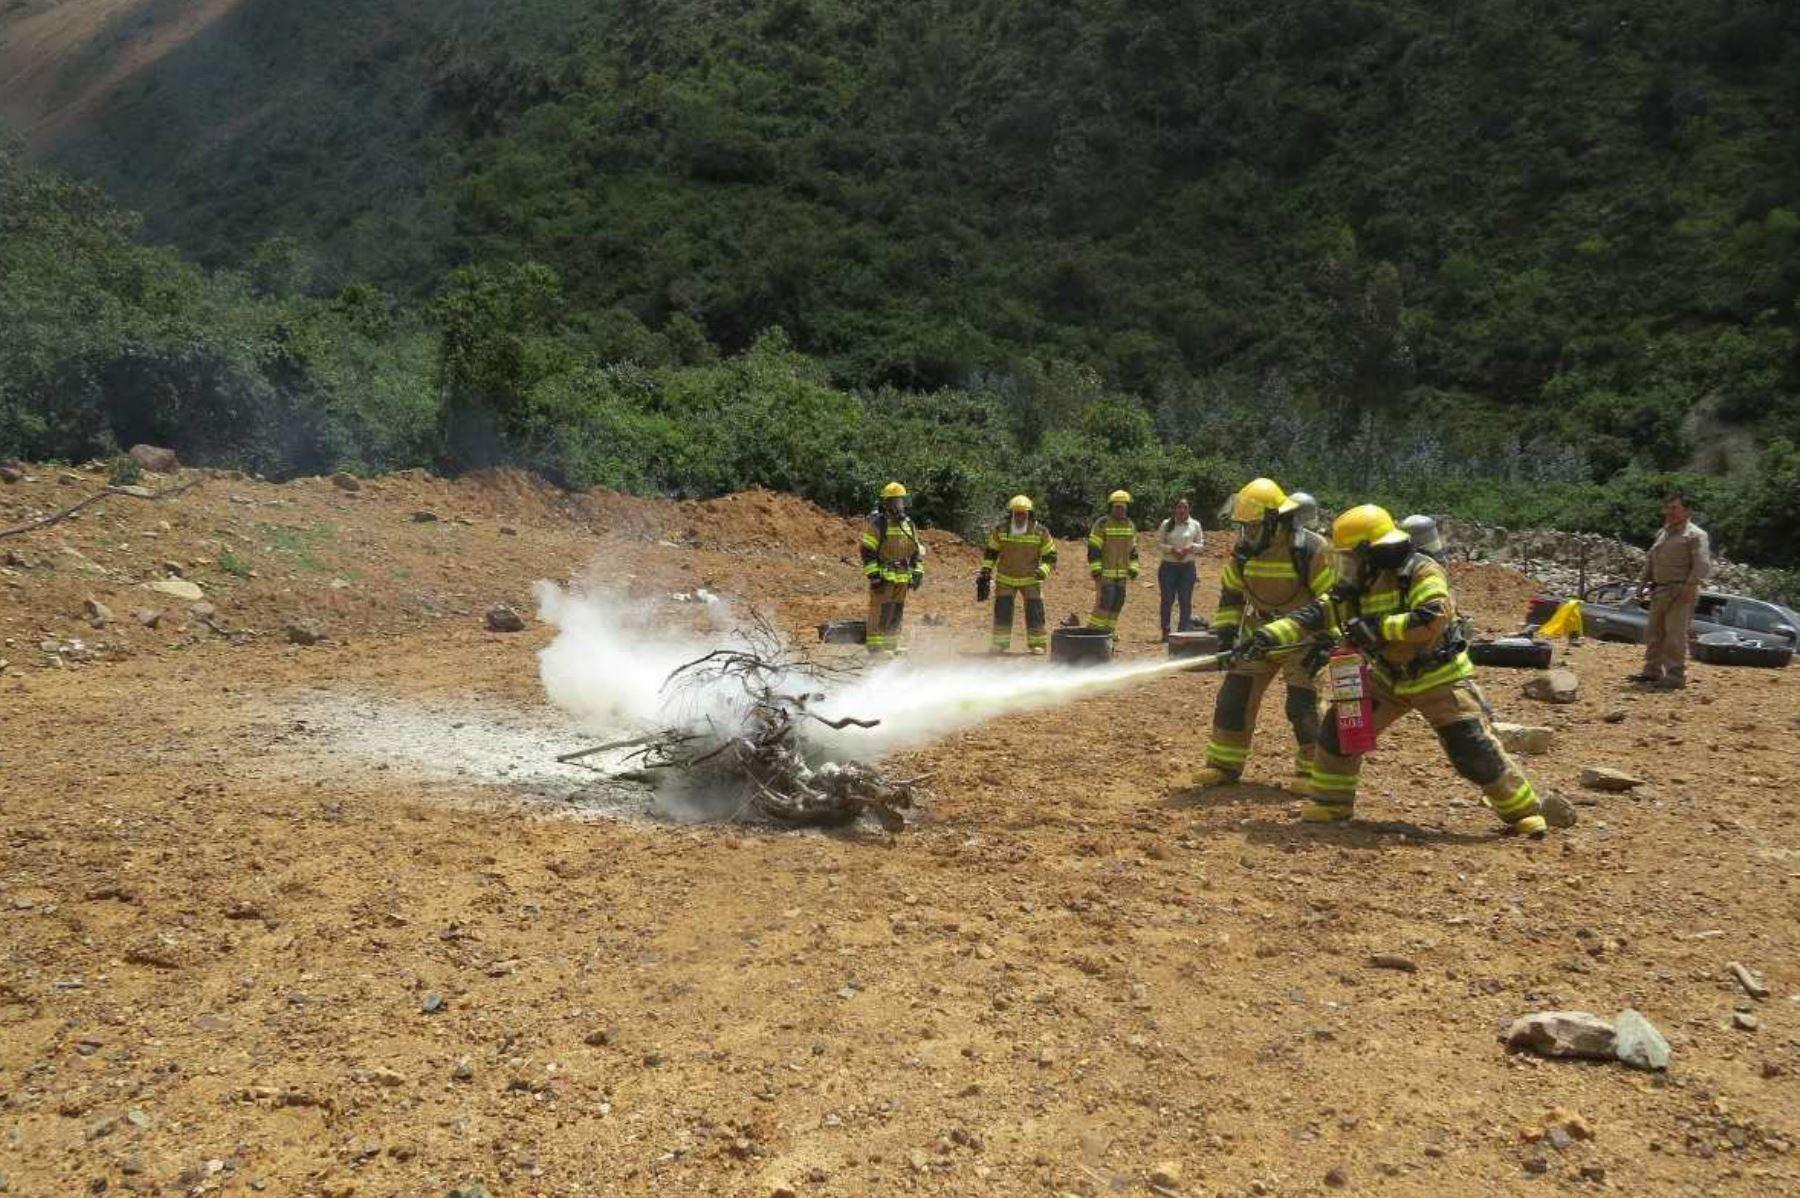 Capacitan a guardaparques de Parque Nacional Río Abiseo para afrontar incendios forestales